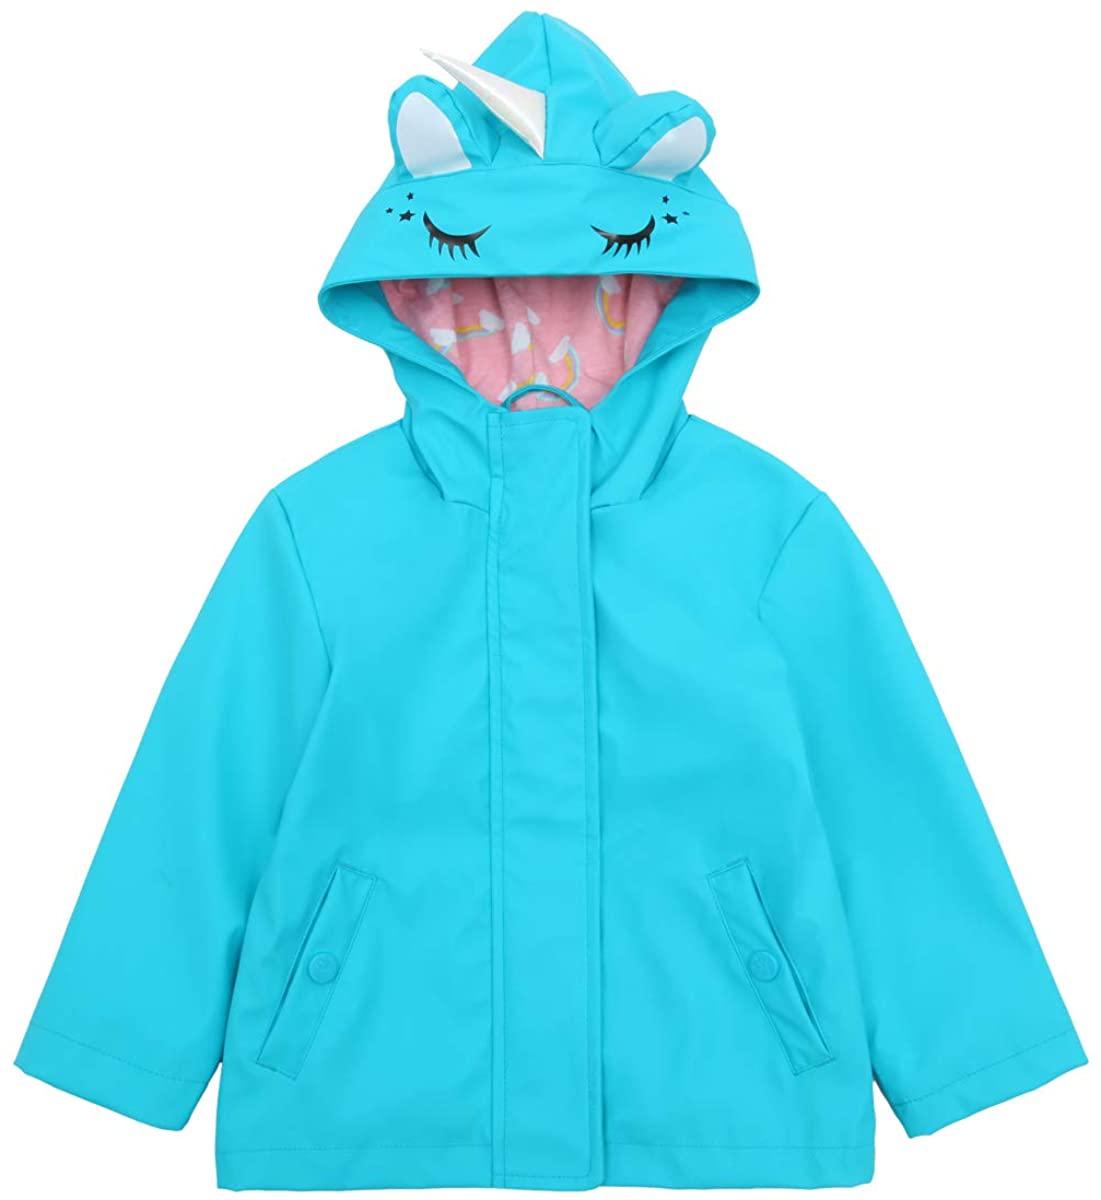 Girls' Lightweight Waterproof Hooded Rubberized Rain Jacket Raincoat Windbreaker